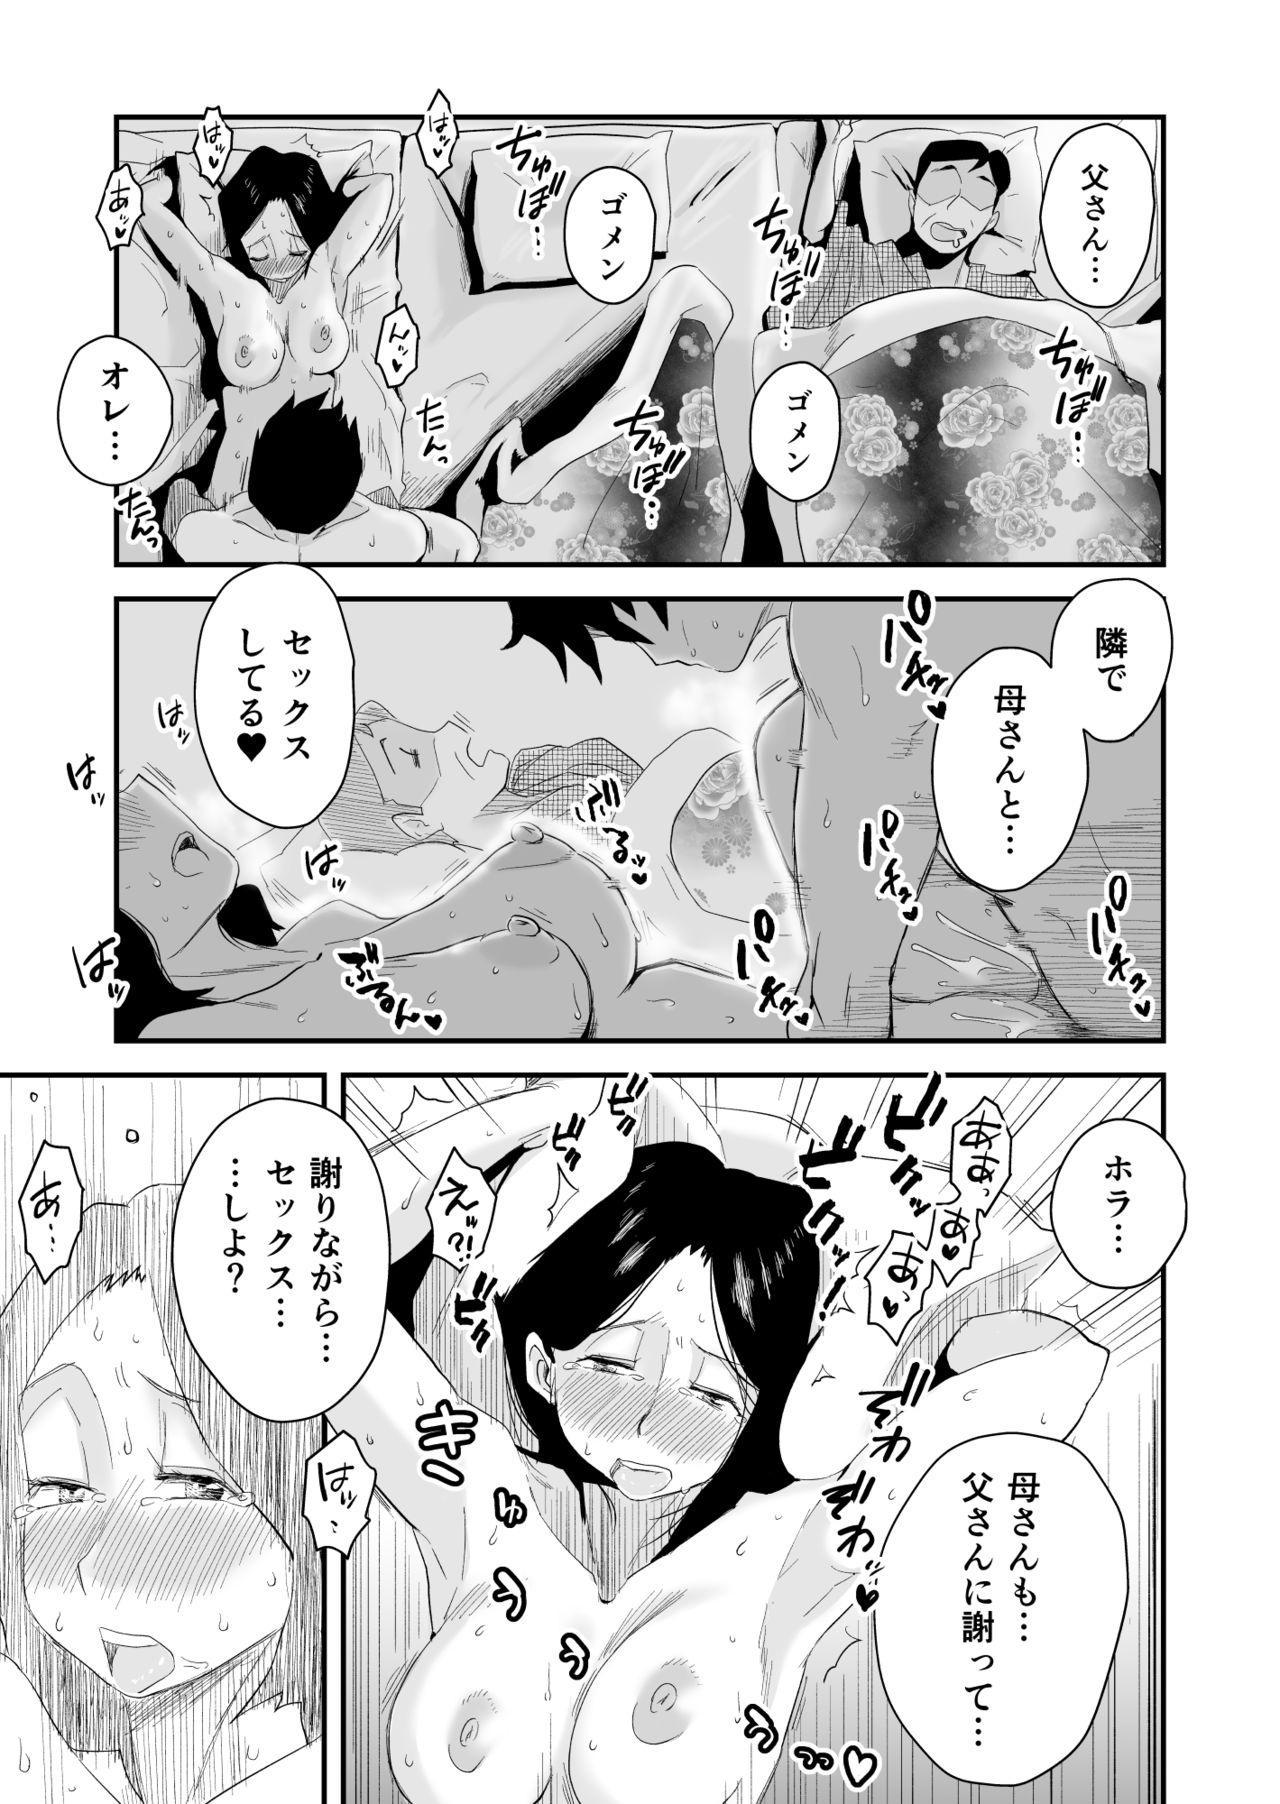 Ano! Okaa-san no Shousai 45